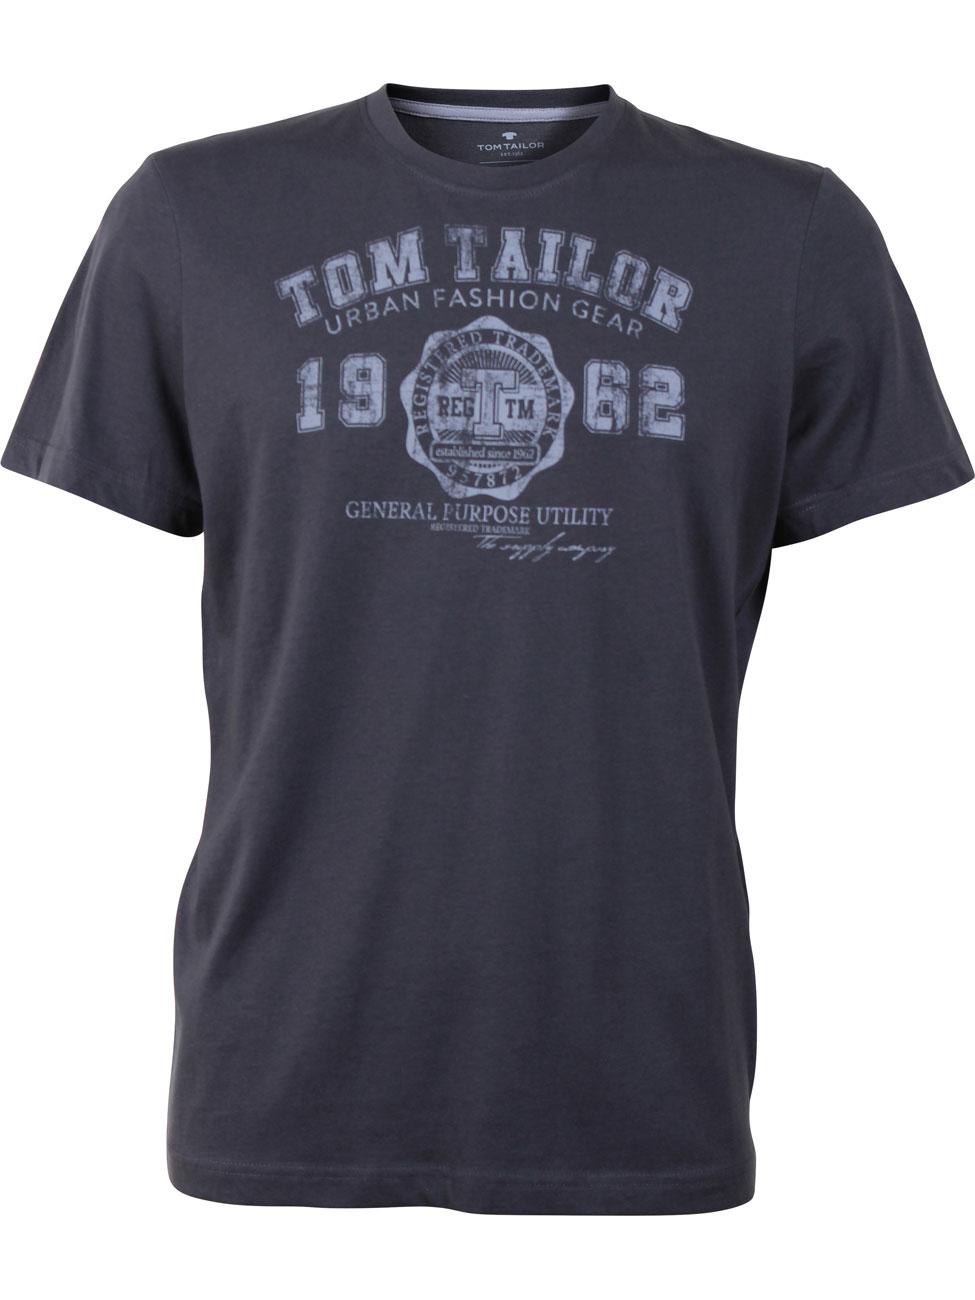 3 T-Shirts von Tom Tailor oder Mustang für 16,89€ inkl. Versand